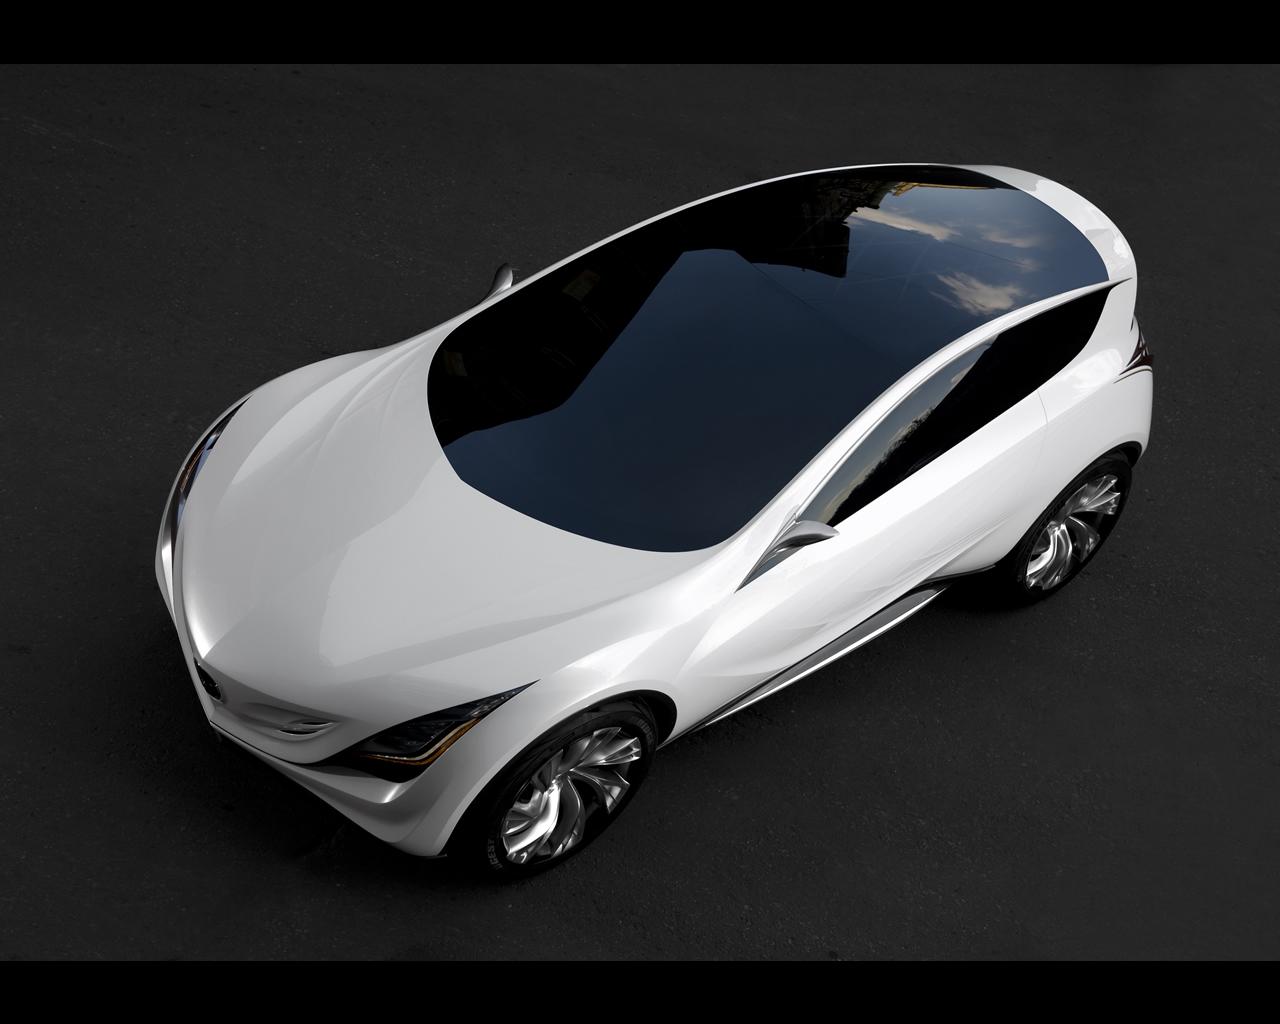 http://autoconcept-reviews.com/cars_reviews/mazda/mazda-kazamai-concept-2008/wallpaper/1.jpg